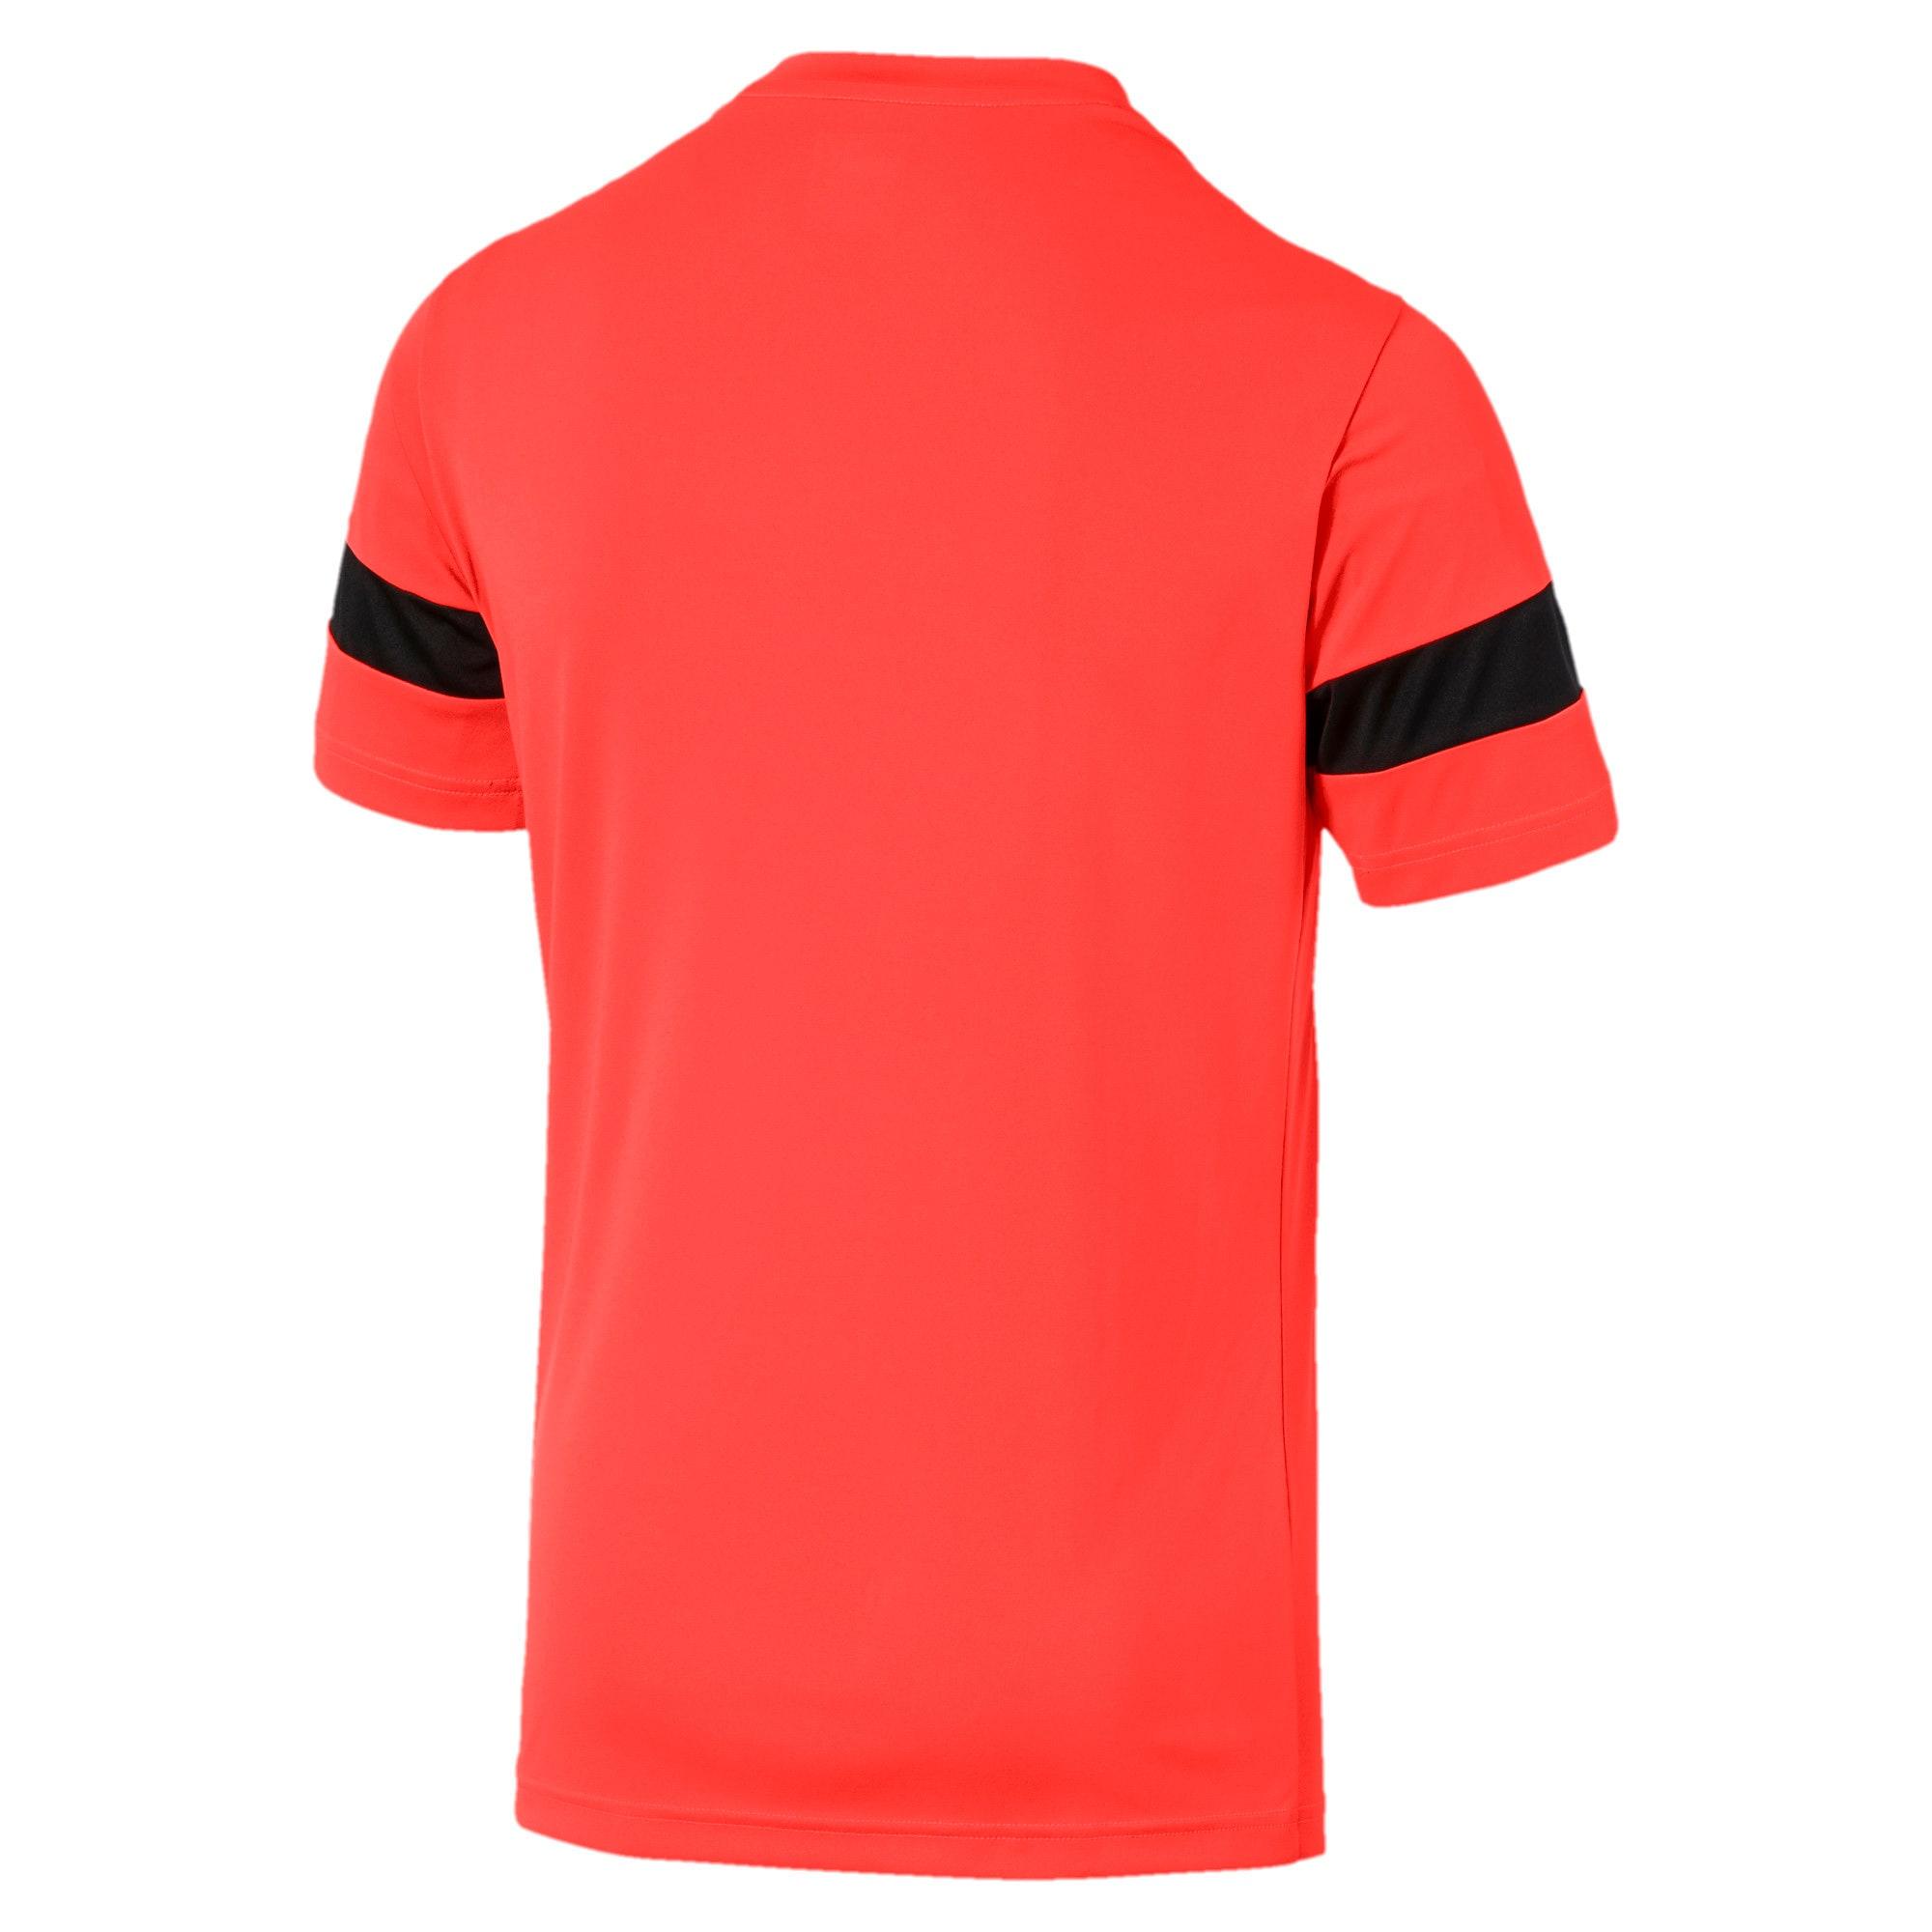 Thumbnail 5 of Maillot pour l'entraînement PLAY pour homme, Nrgy Red-Puma Black, medium